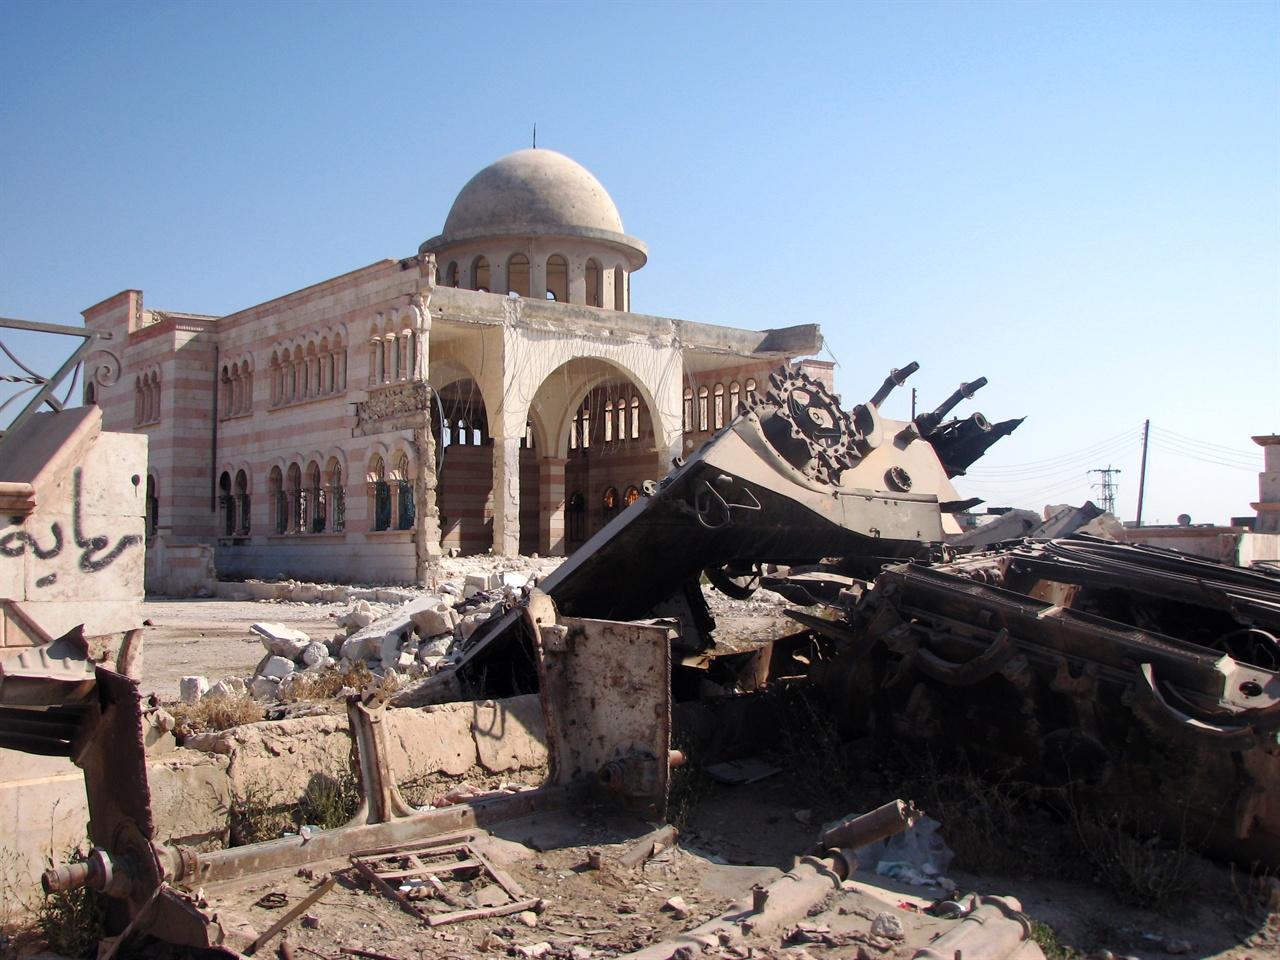 시리아 시민사진1  시리아의 국경도시 아자즈에서 한 시민이 무차별 폭격으로 파괴된 도심의 모스크와 탱크를 카메라에 담았다